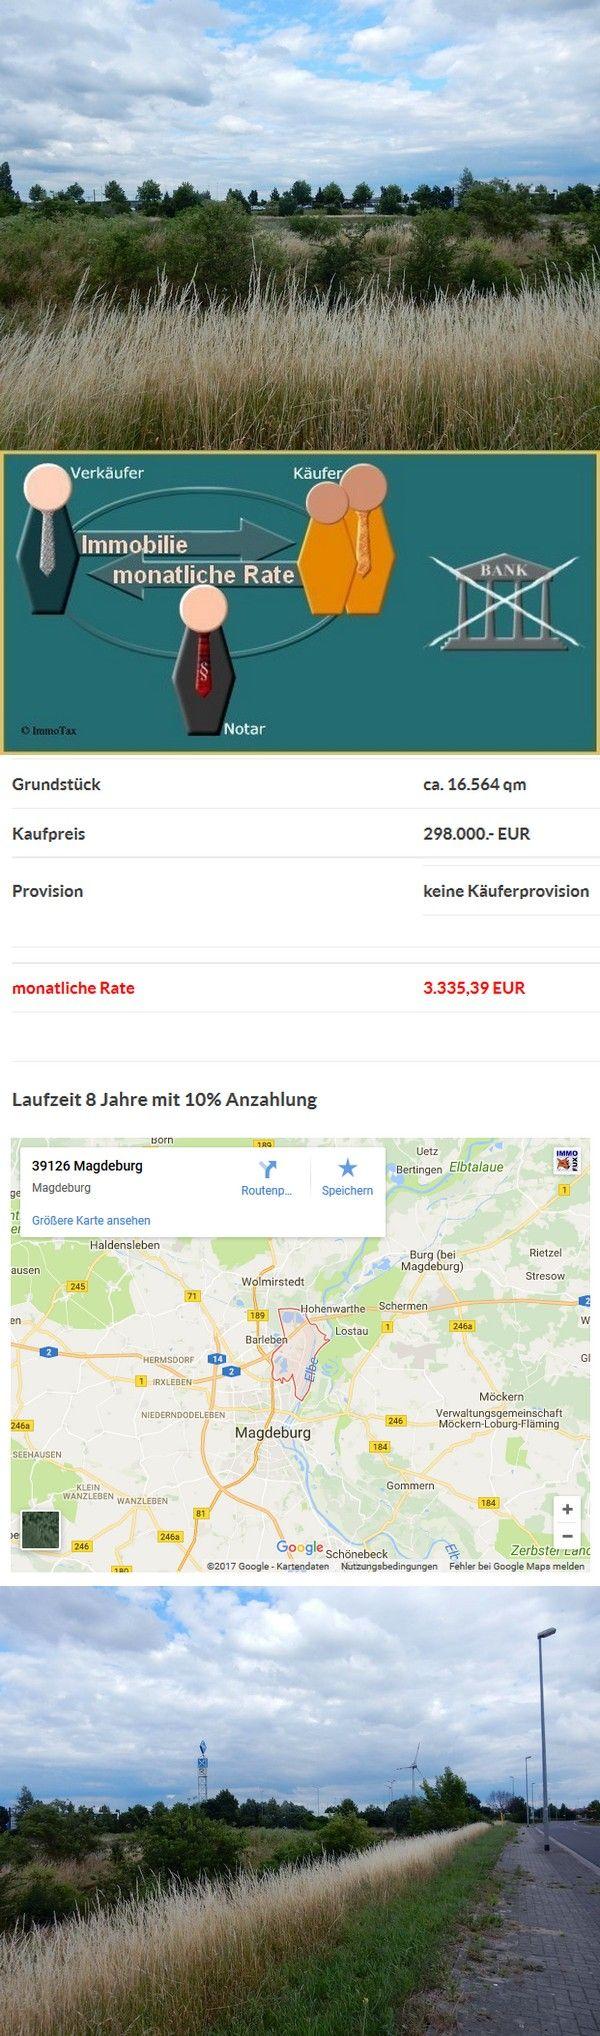 Gewerbegrundstück in 39126 Magdeburg Rothensee zu verkaufen -->  http://mietkauf-immo.de/immobilienportal/top-angebote/?artid=14618 #Mietkauf #Ratenkauf #Immobilien #Verkauf #Grundstück #Gewerbegrundstück #Magdeburg #Rothensee